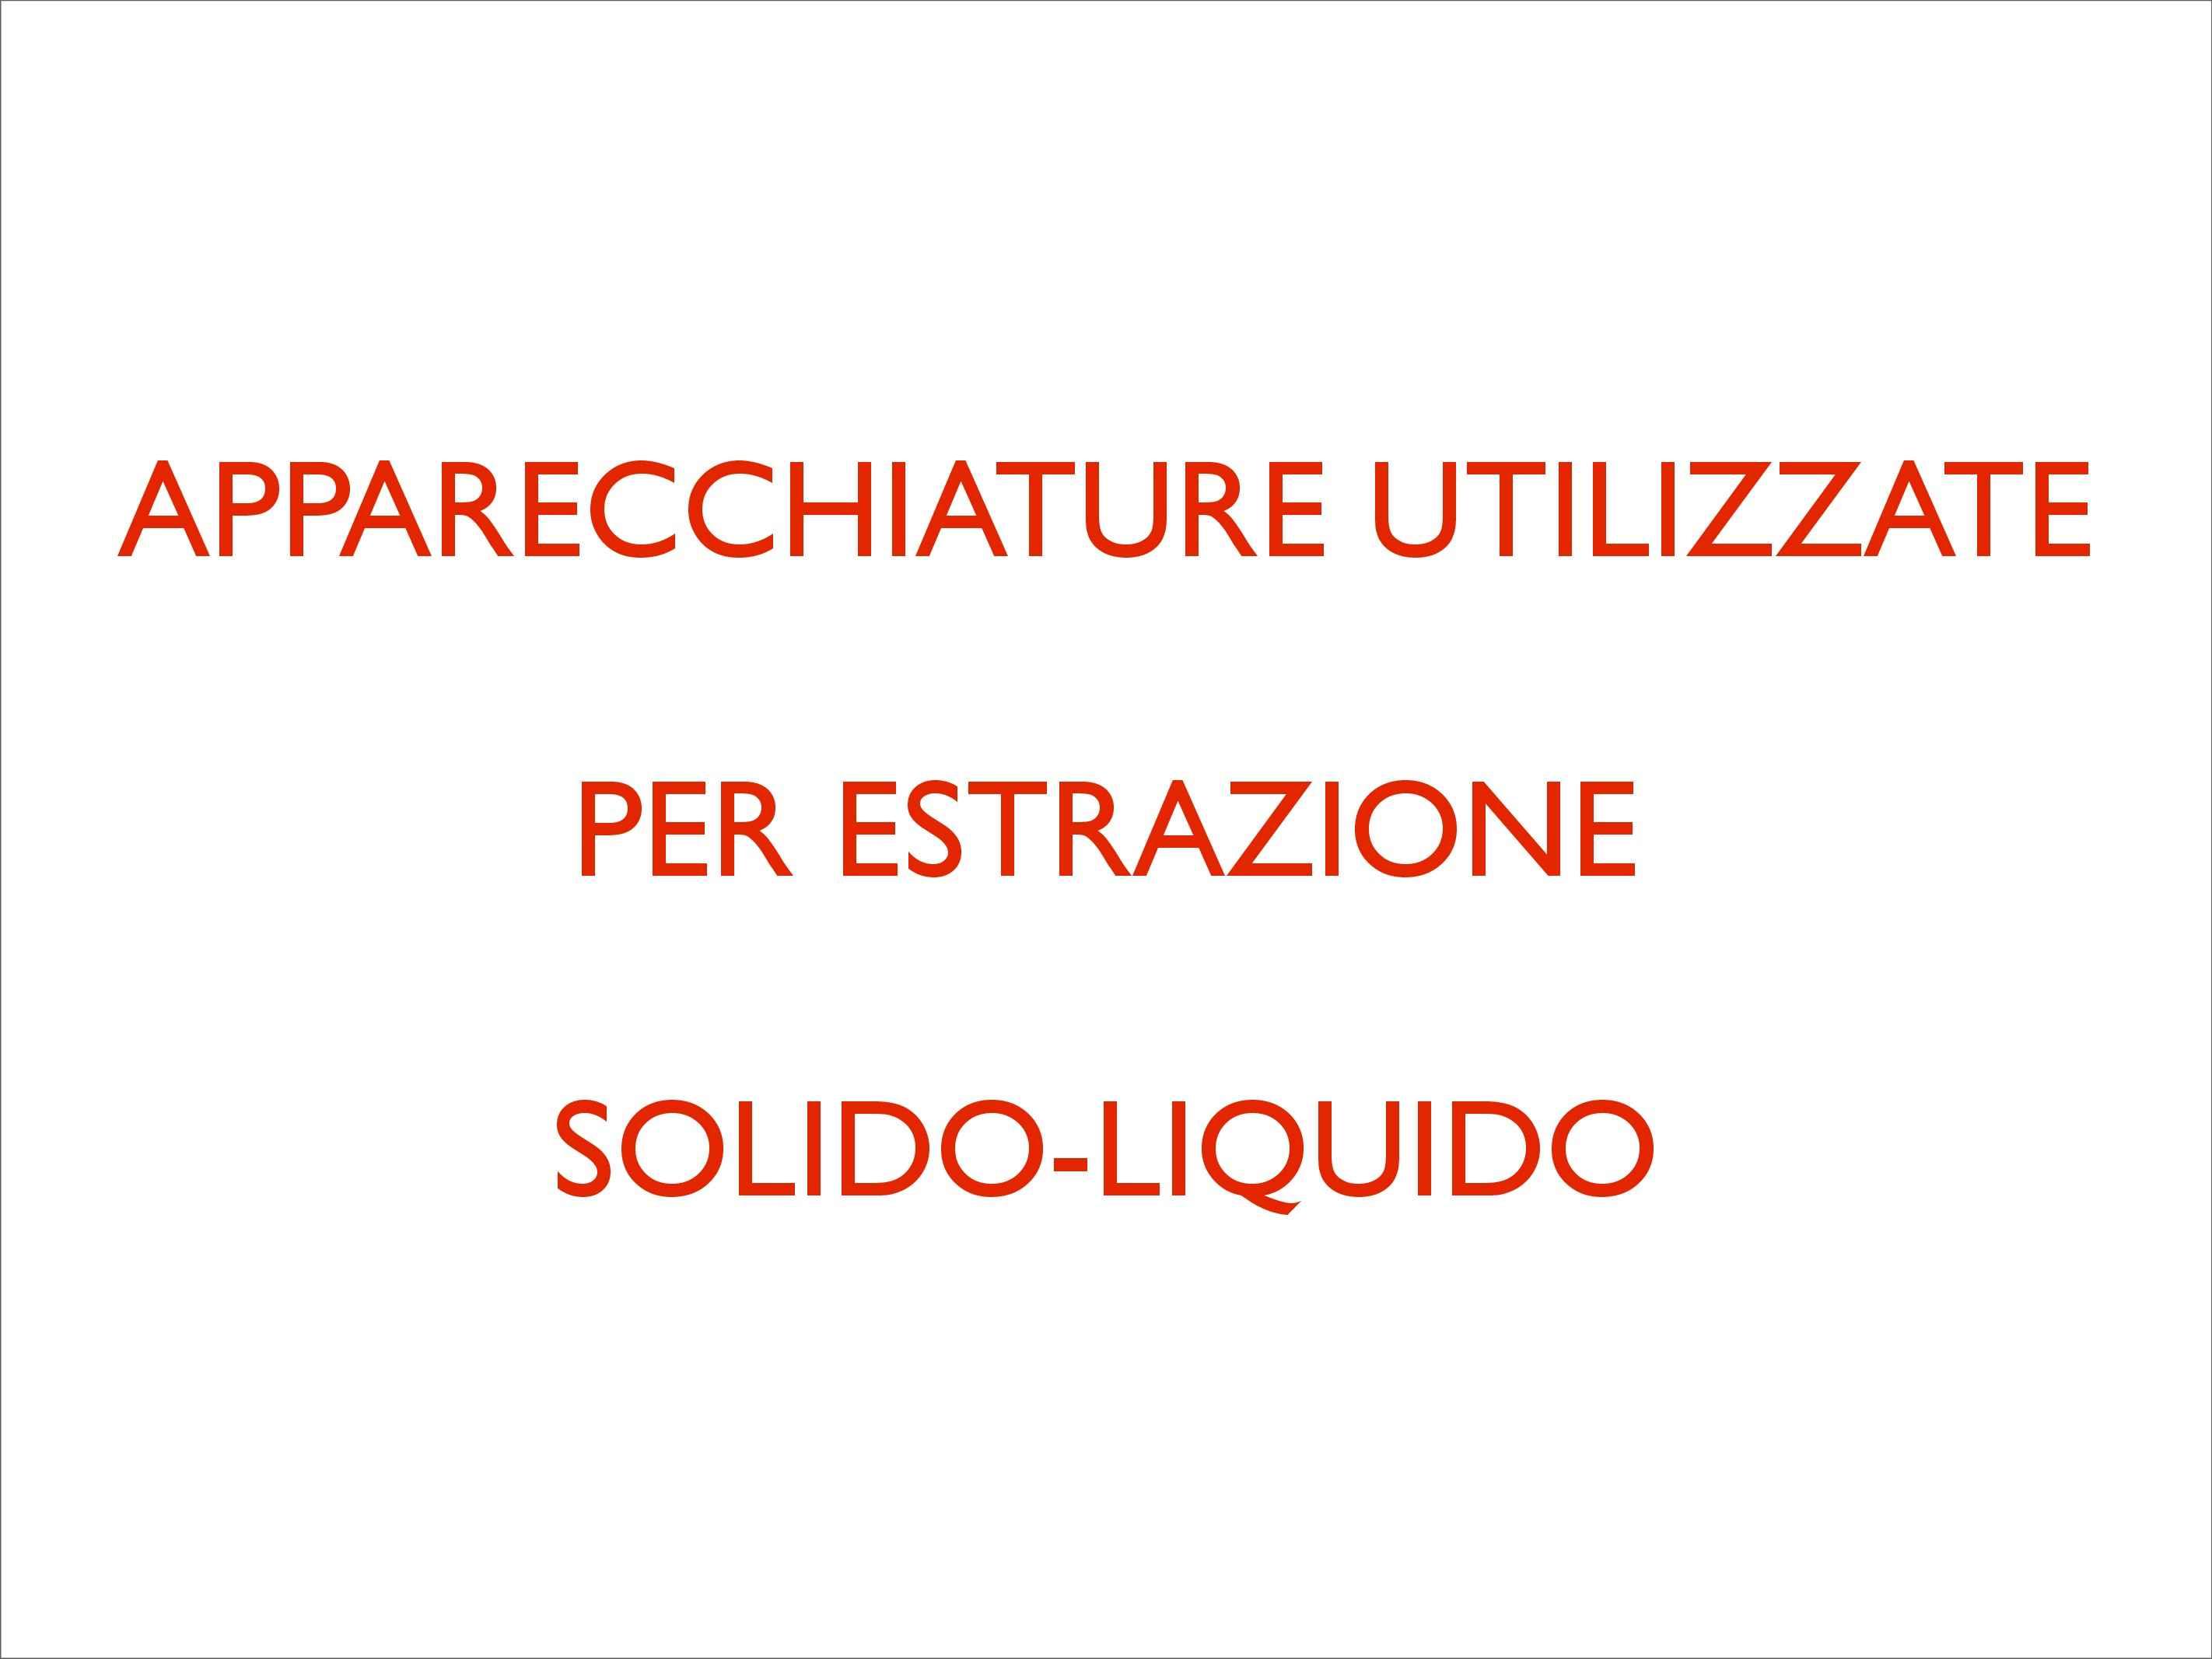 Chimica - apparecchiature estrazione solido-liquido